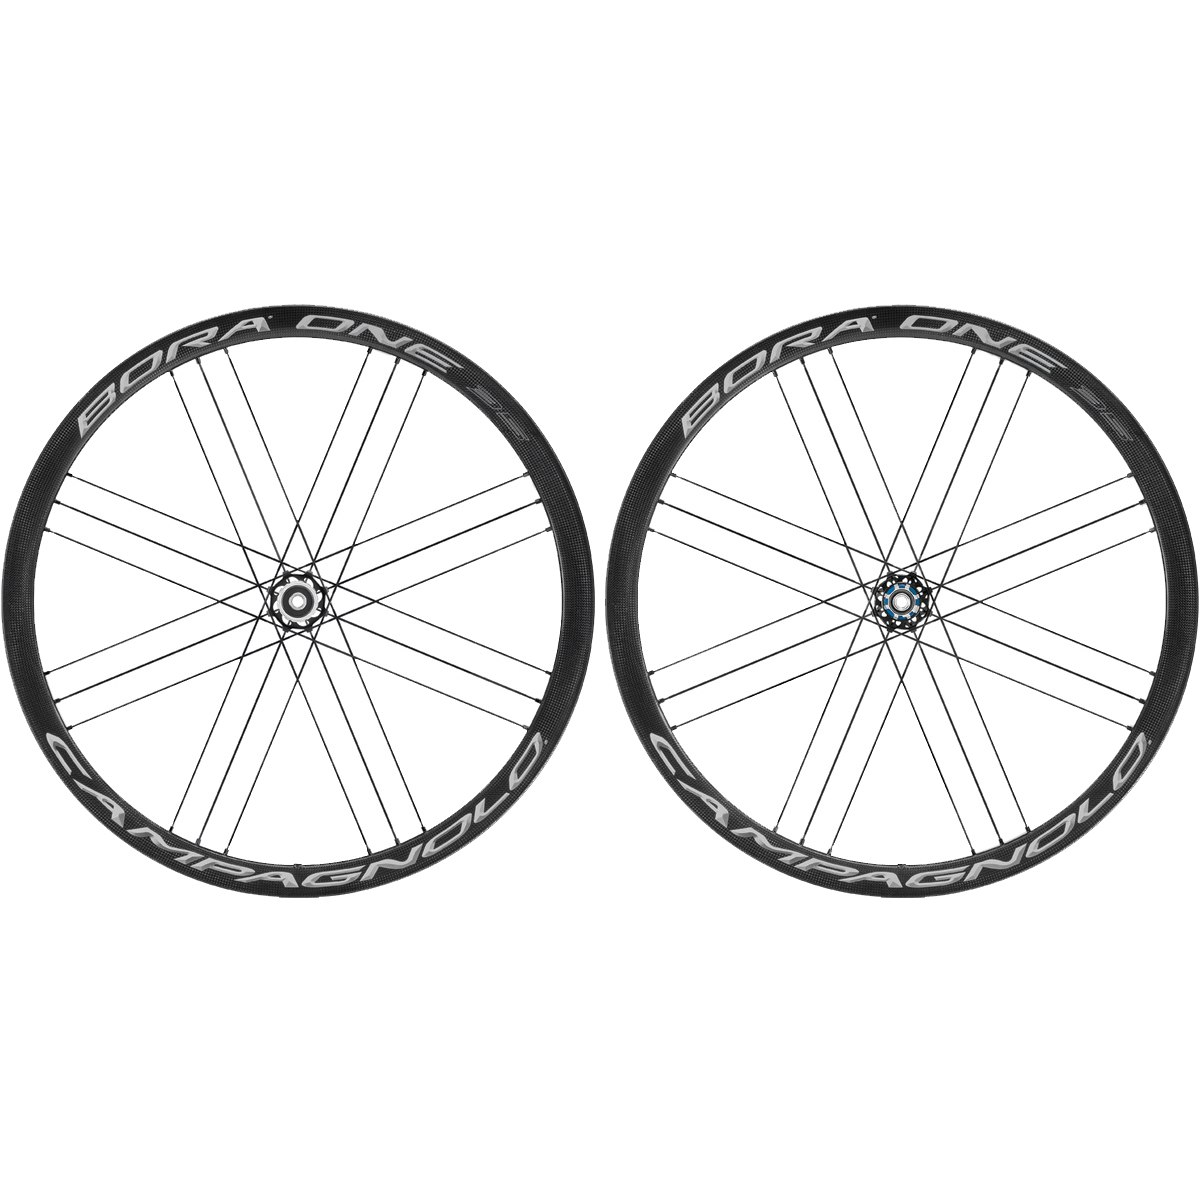 Campagnolo Bora One DB 35 - 28 Inches Wheelset - Carbon - AFS - Clincher - FW: 12x100mm   RW: 12x142mm - Dark